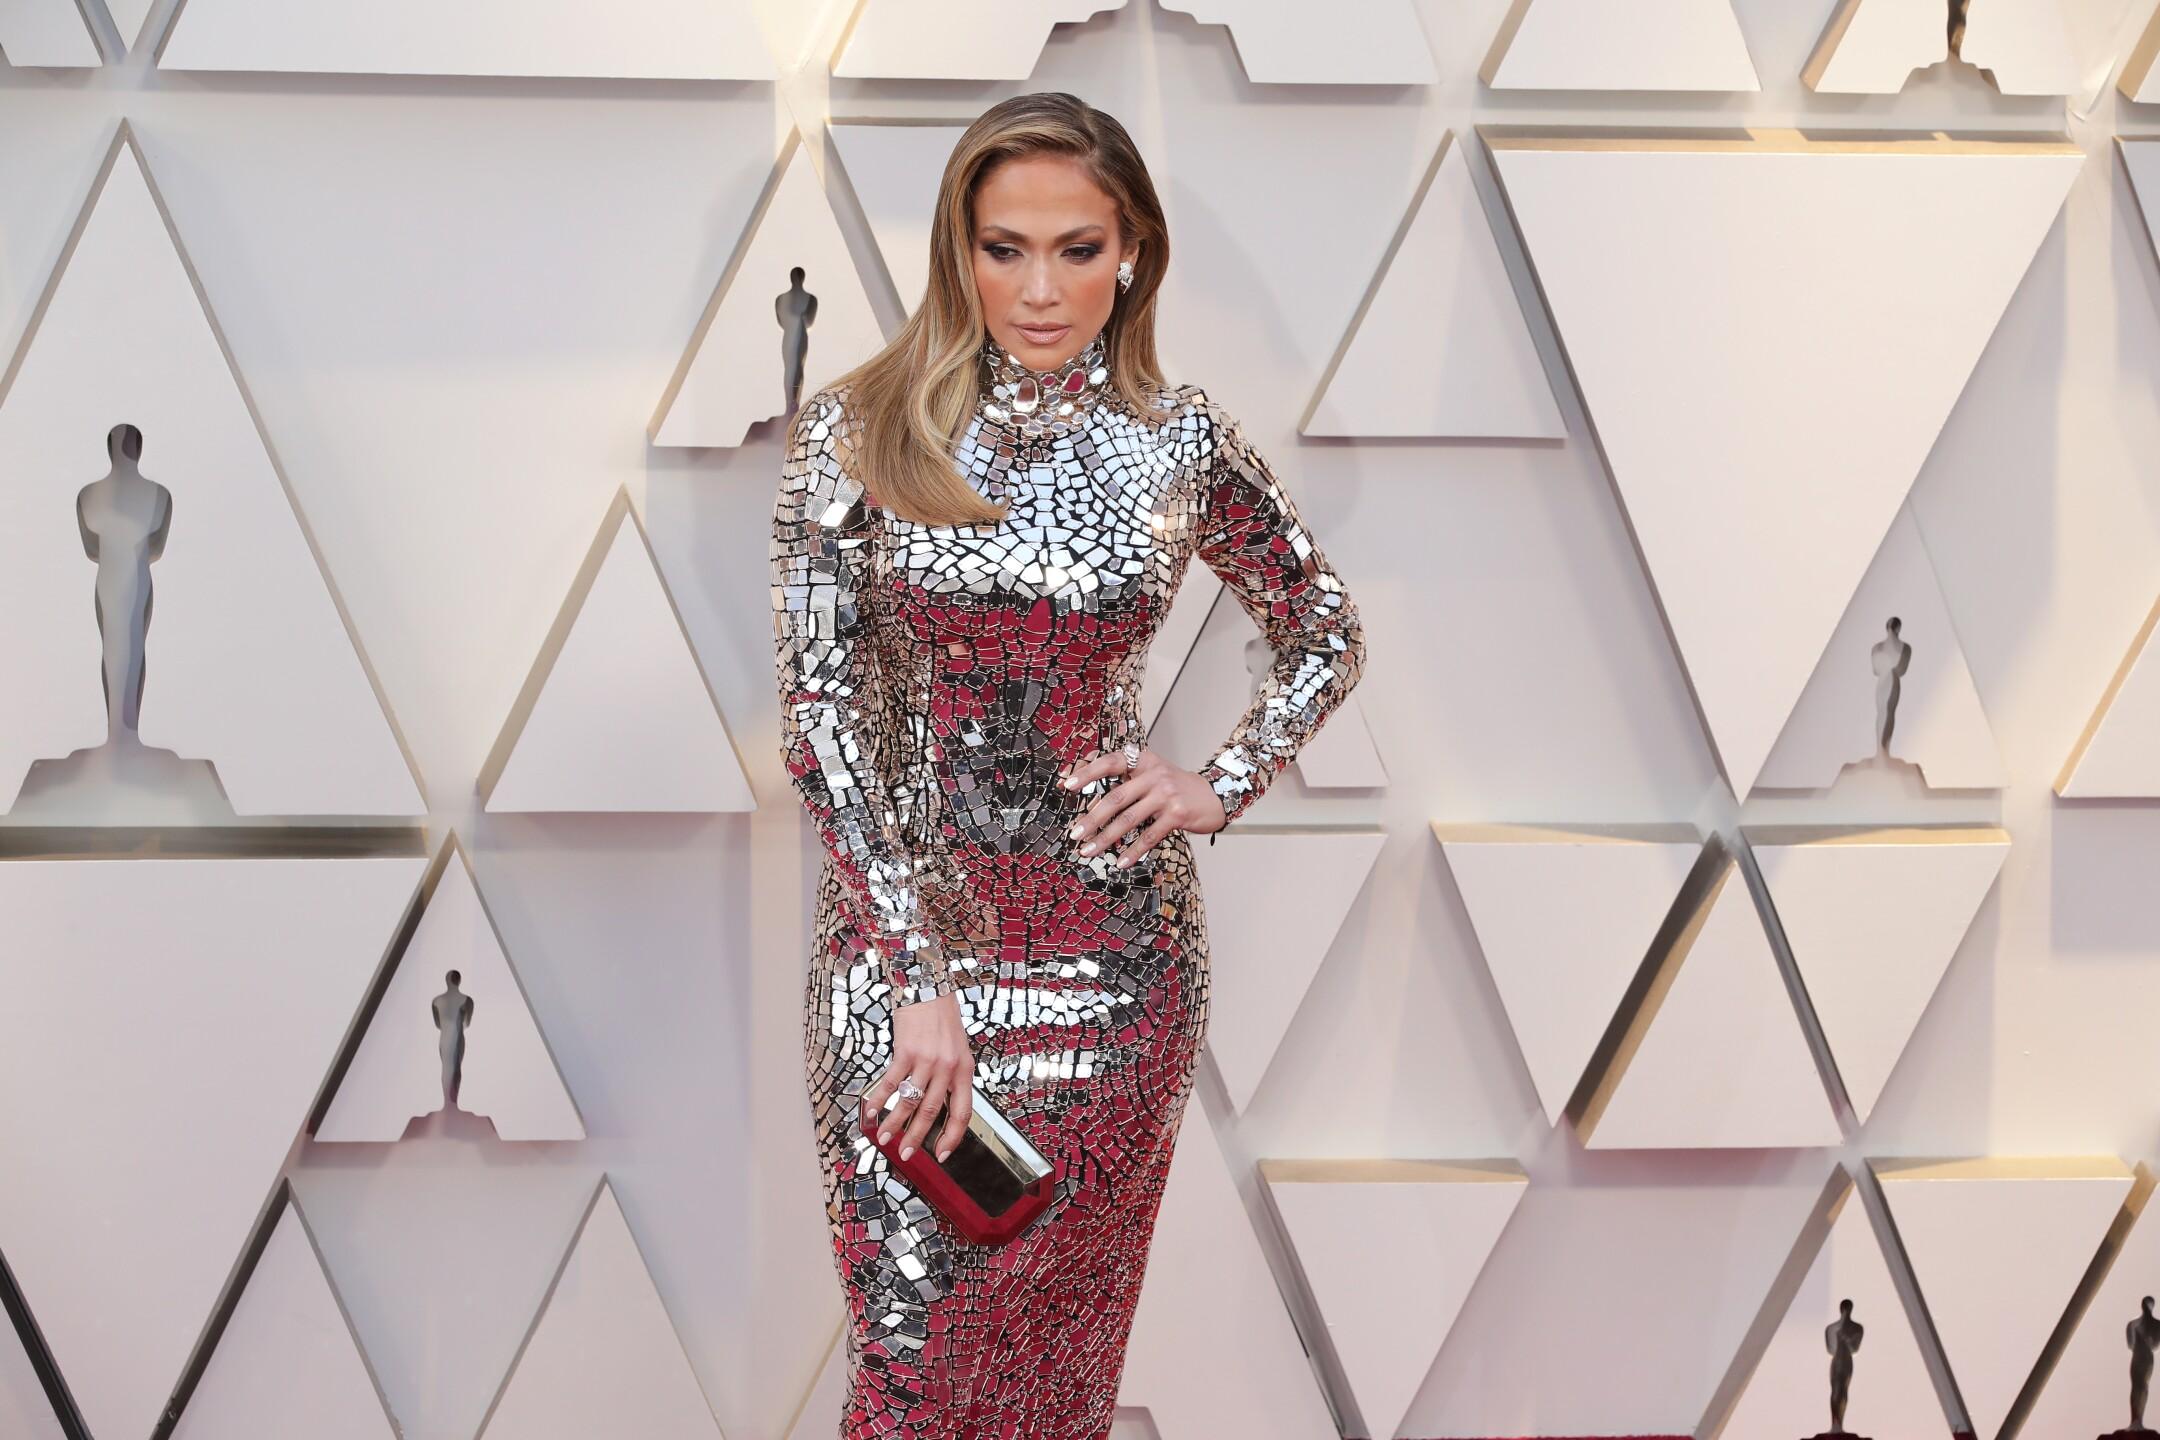 Jennifer Lopez to headline Summerfest July 3.